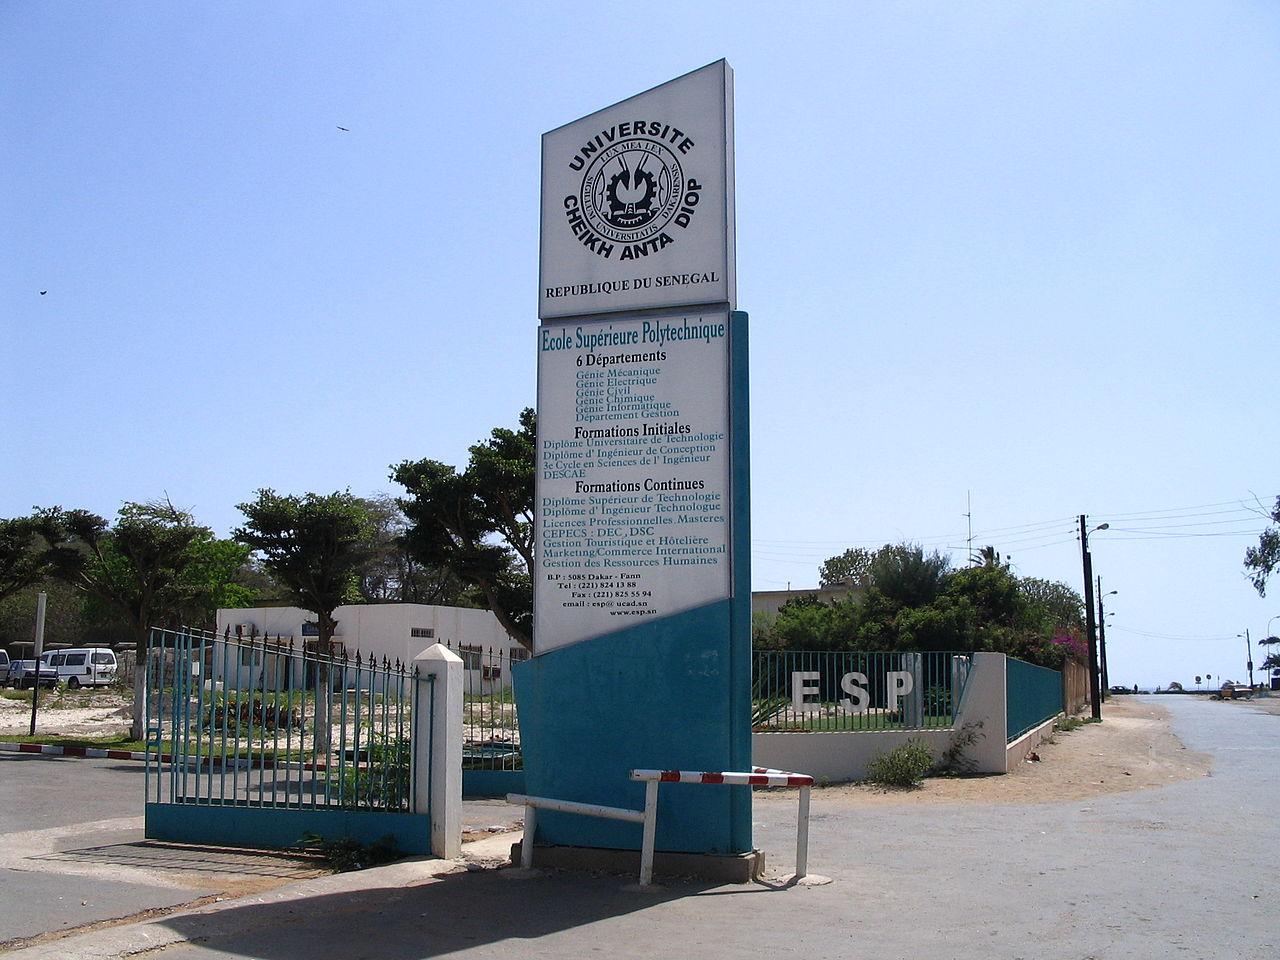 塞內加爾菁英理工學院(Ecole Supérieure Polytechnique)(圖/Nathysy/CC BY-SA 3.0)